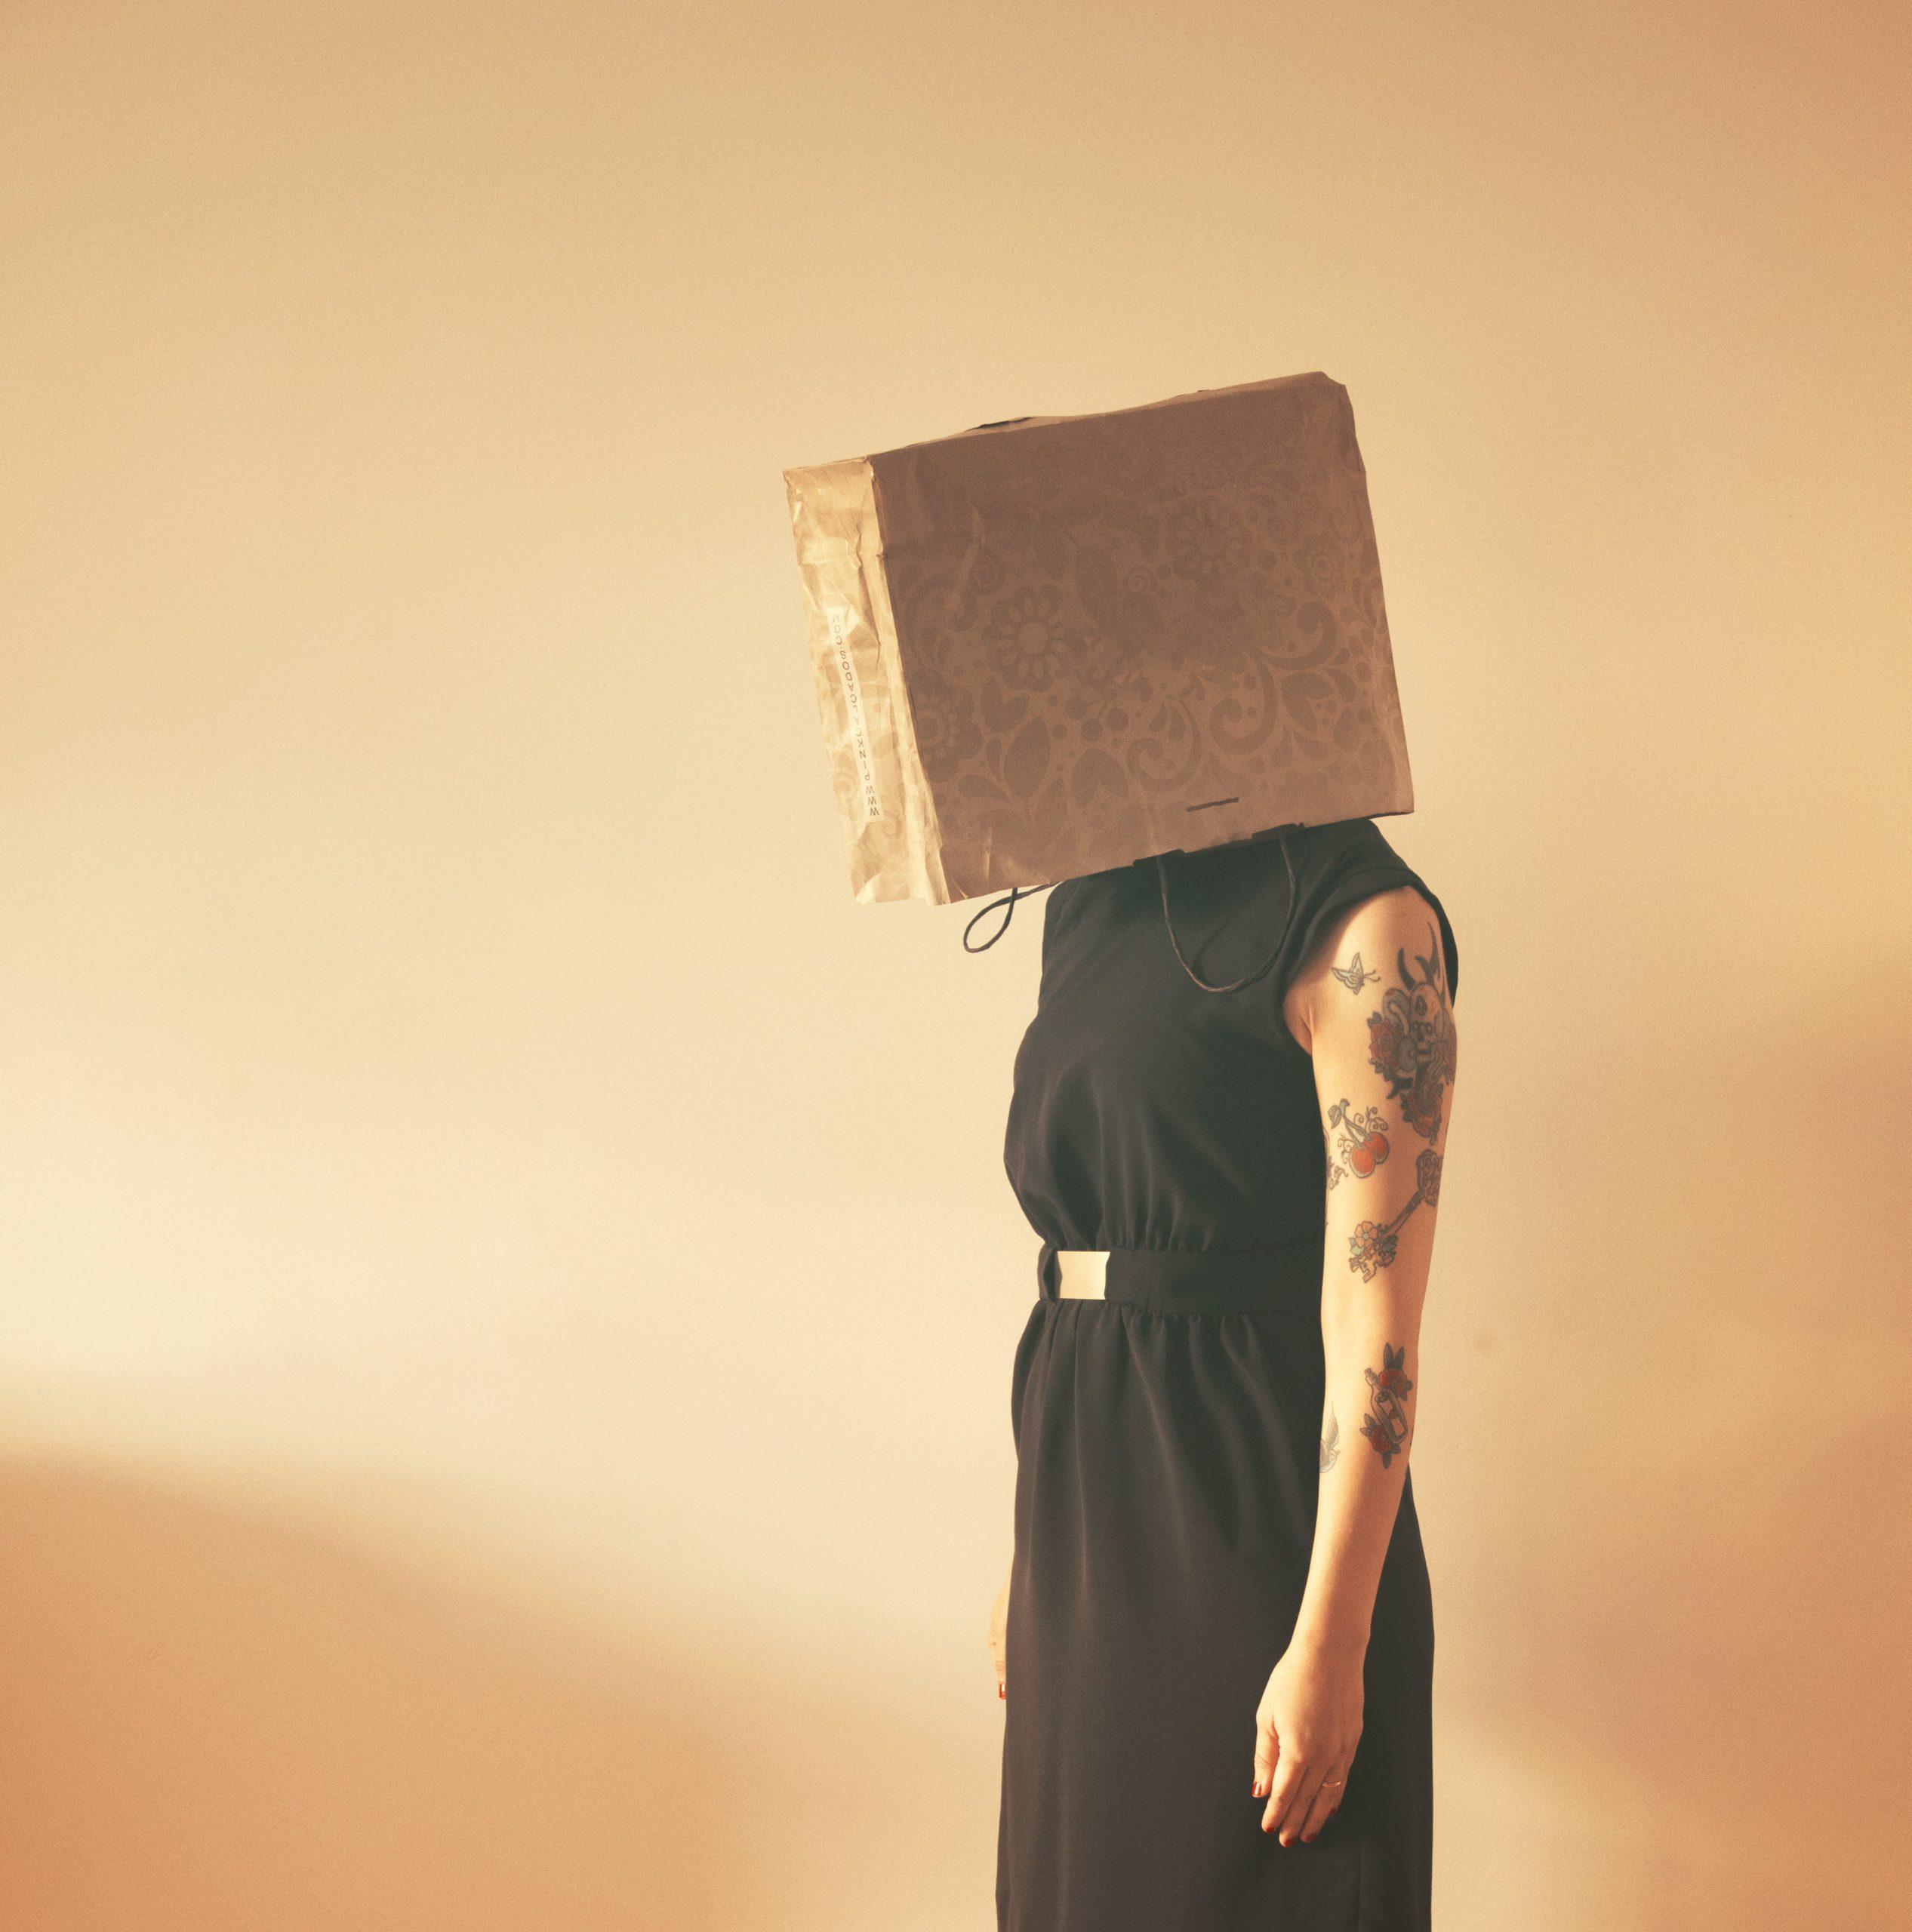 La envidia nos habla de deseos insatisfechos